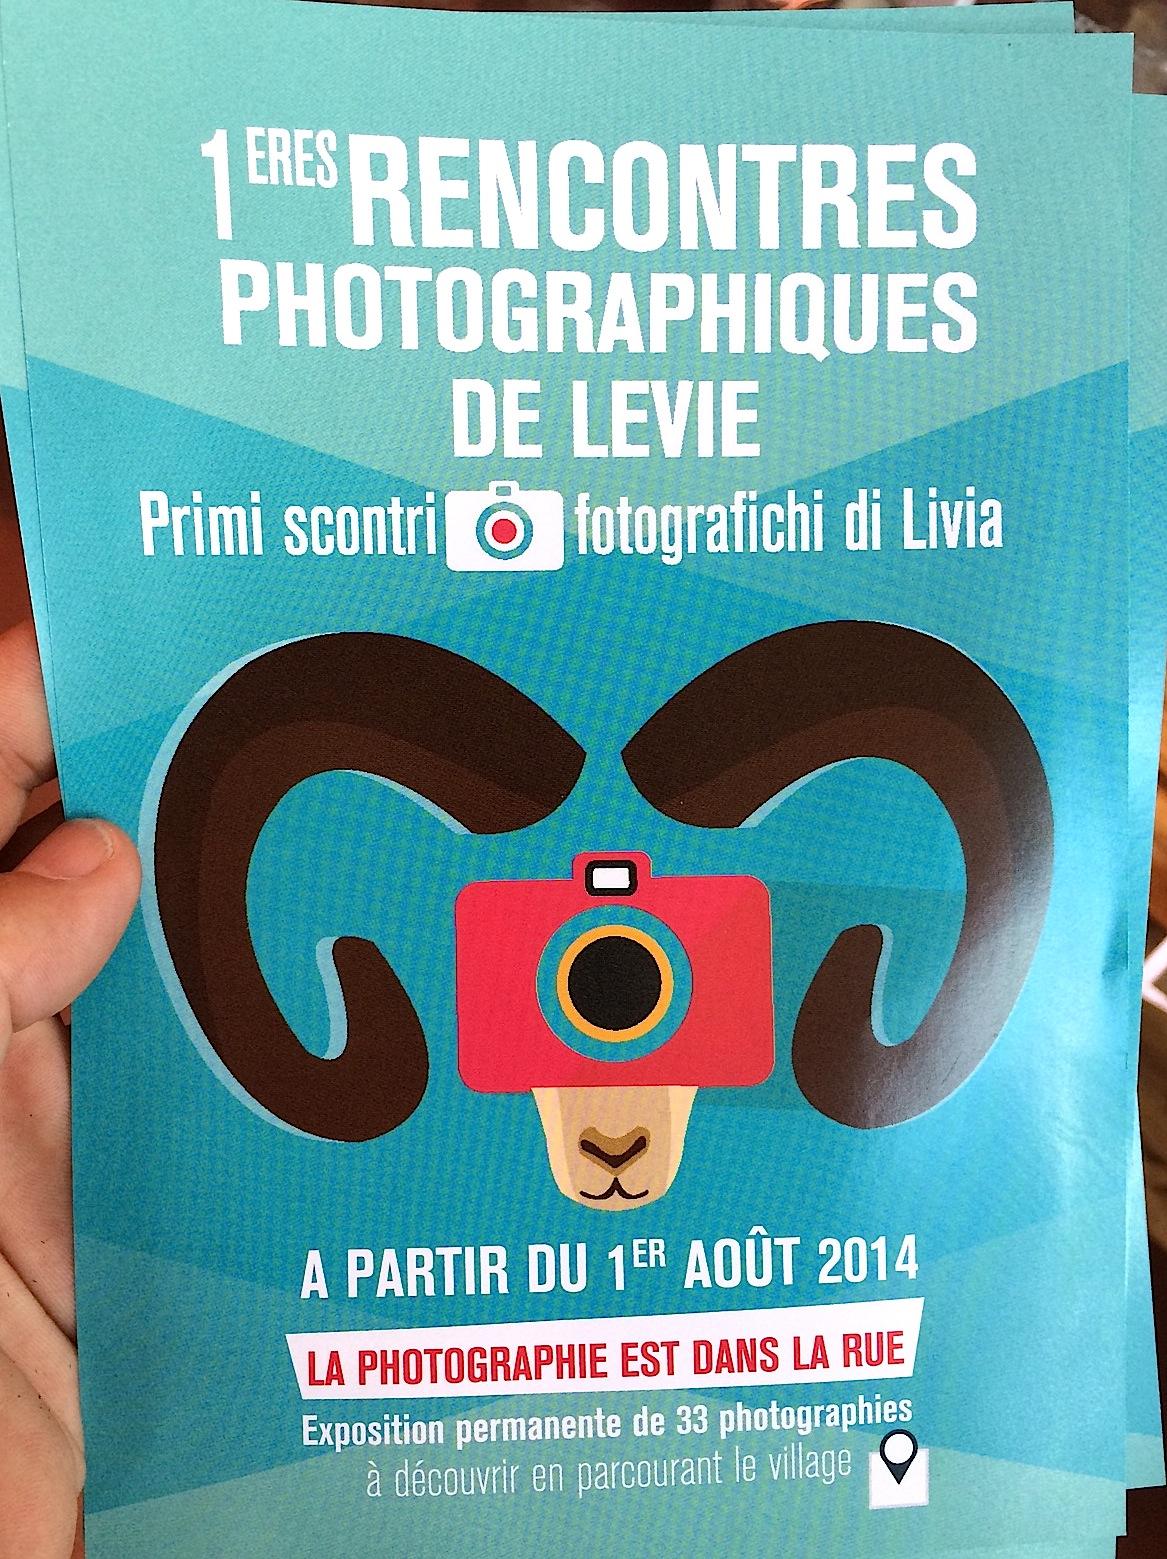 Primi Scontri Fotografichi di Livia : Tout le village va poser pour la postérité